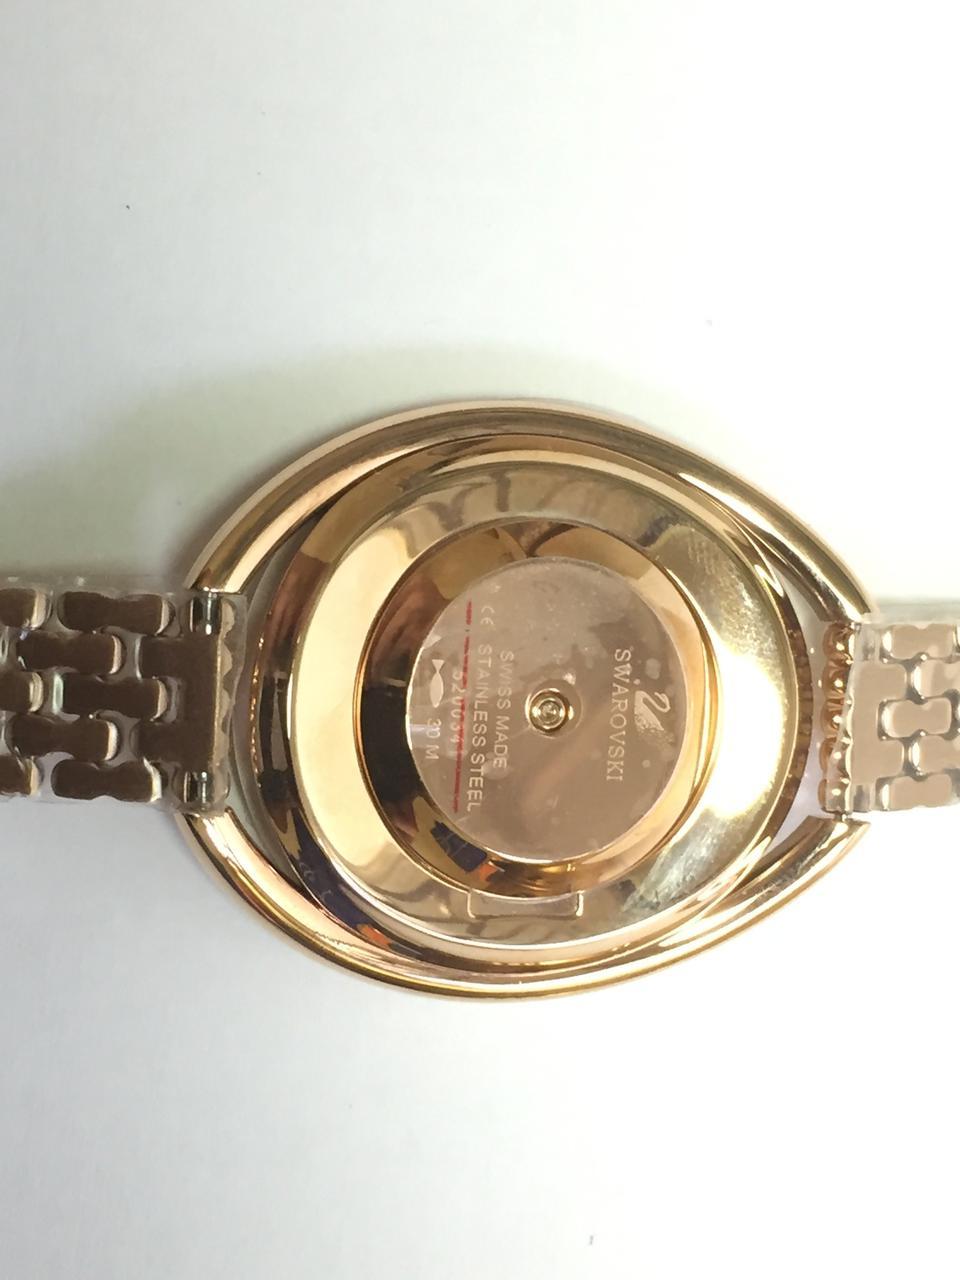 นาฬิกางาน  Swiss brand Swarovski รุ่น  5200341  Crystalline Oval watch รูปที่ 3